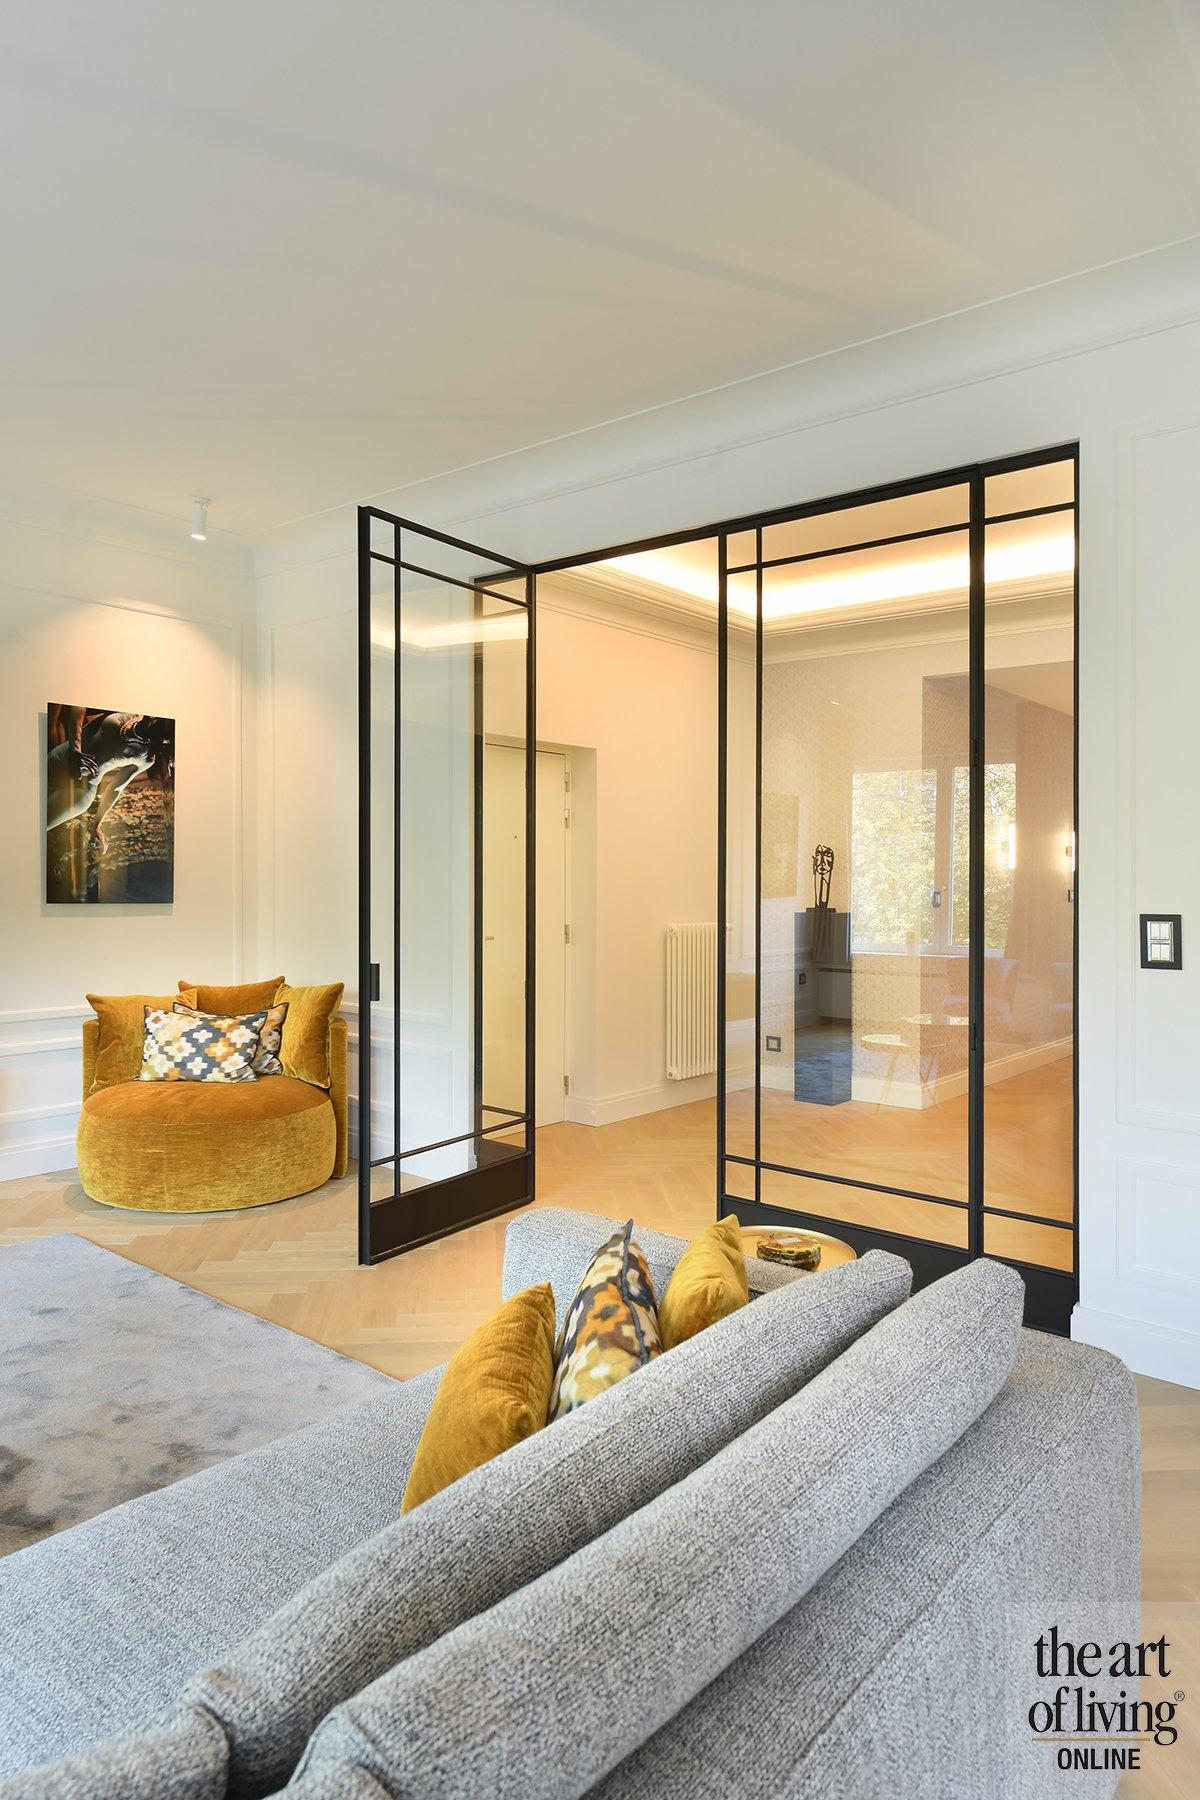 renovatie, Kove interior, the art of living